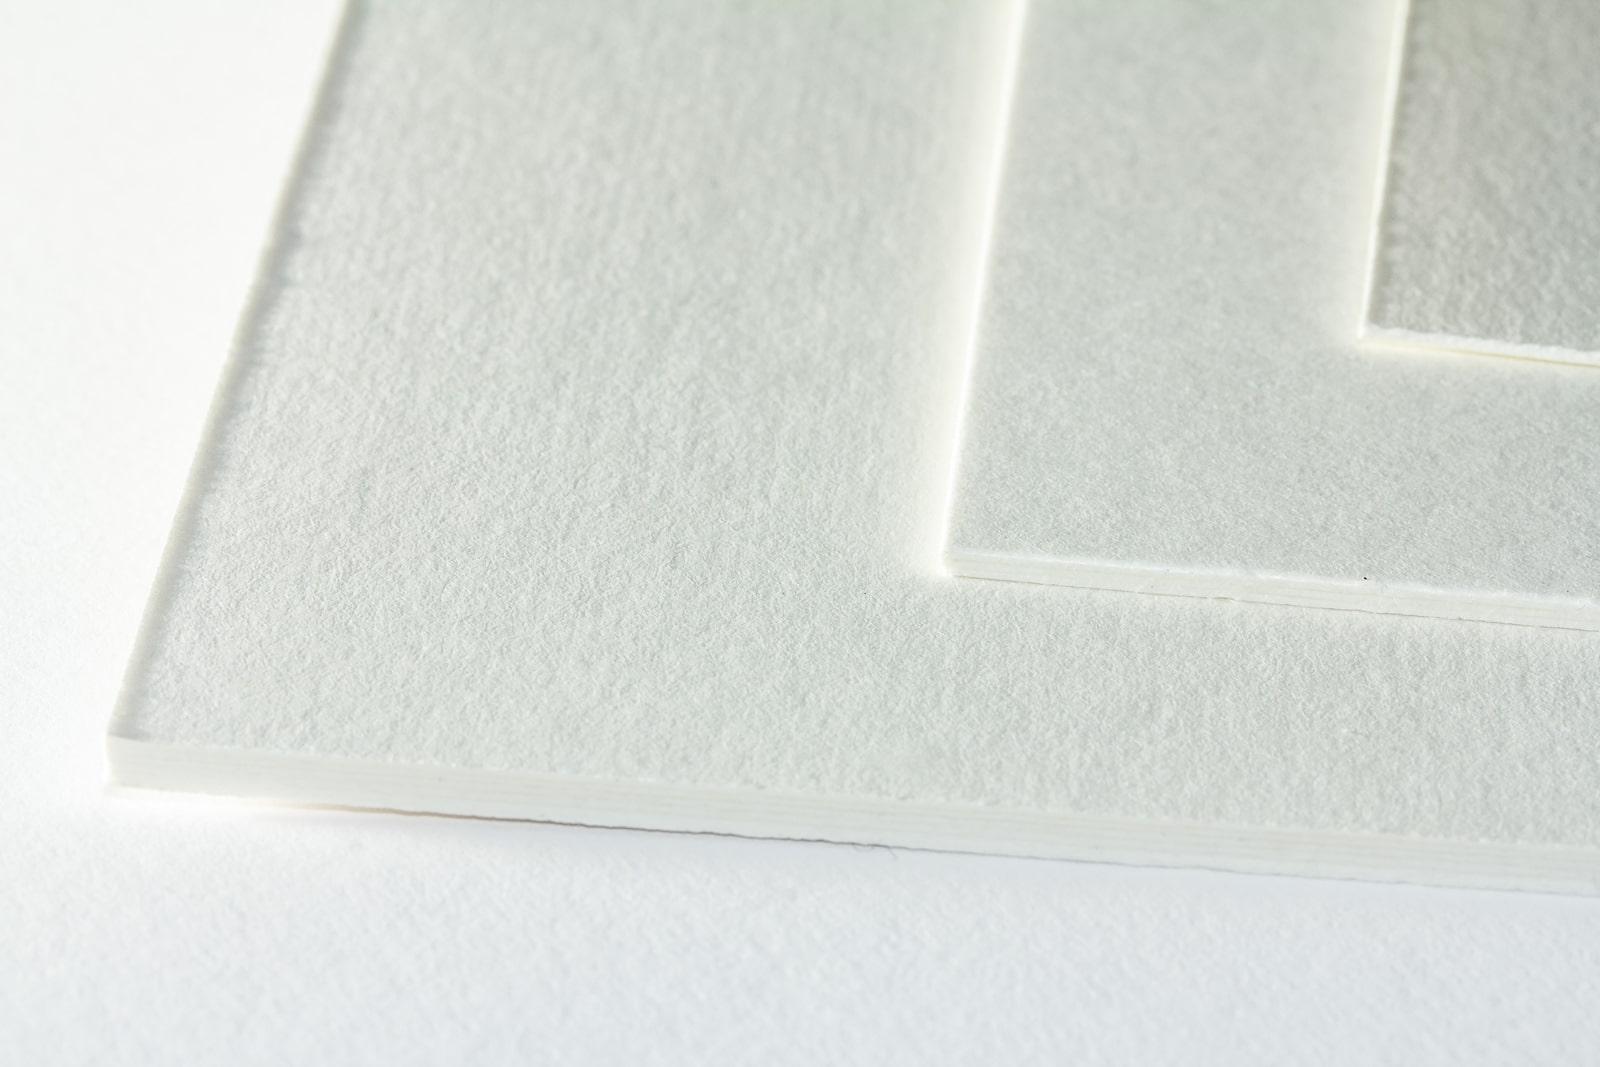 Die Oberflächenstruktur unseres ungepufferten Photo-Archivkarton in naturweiß